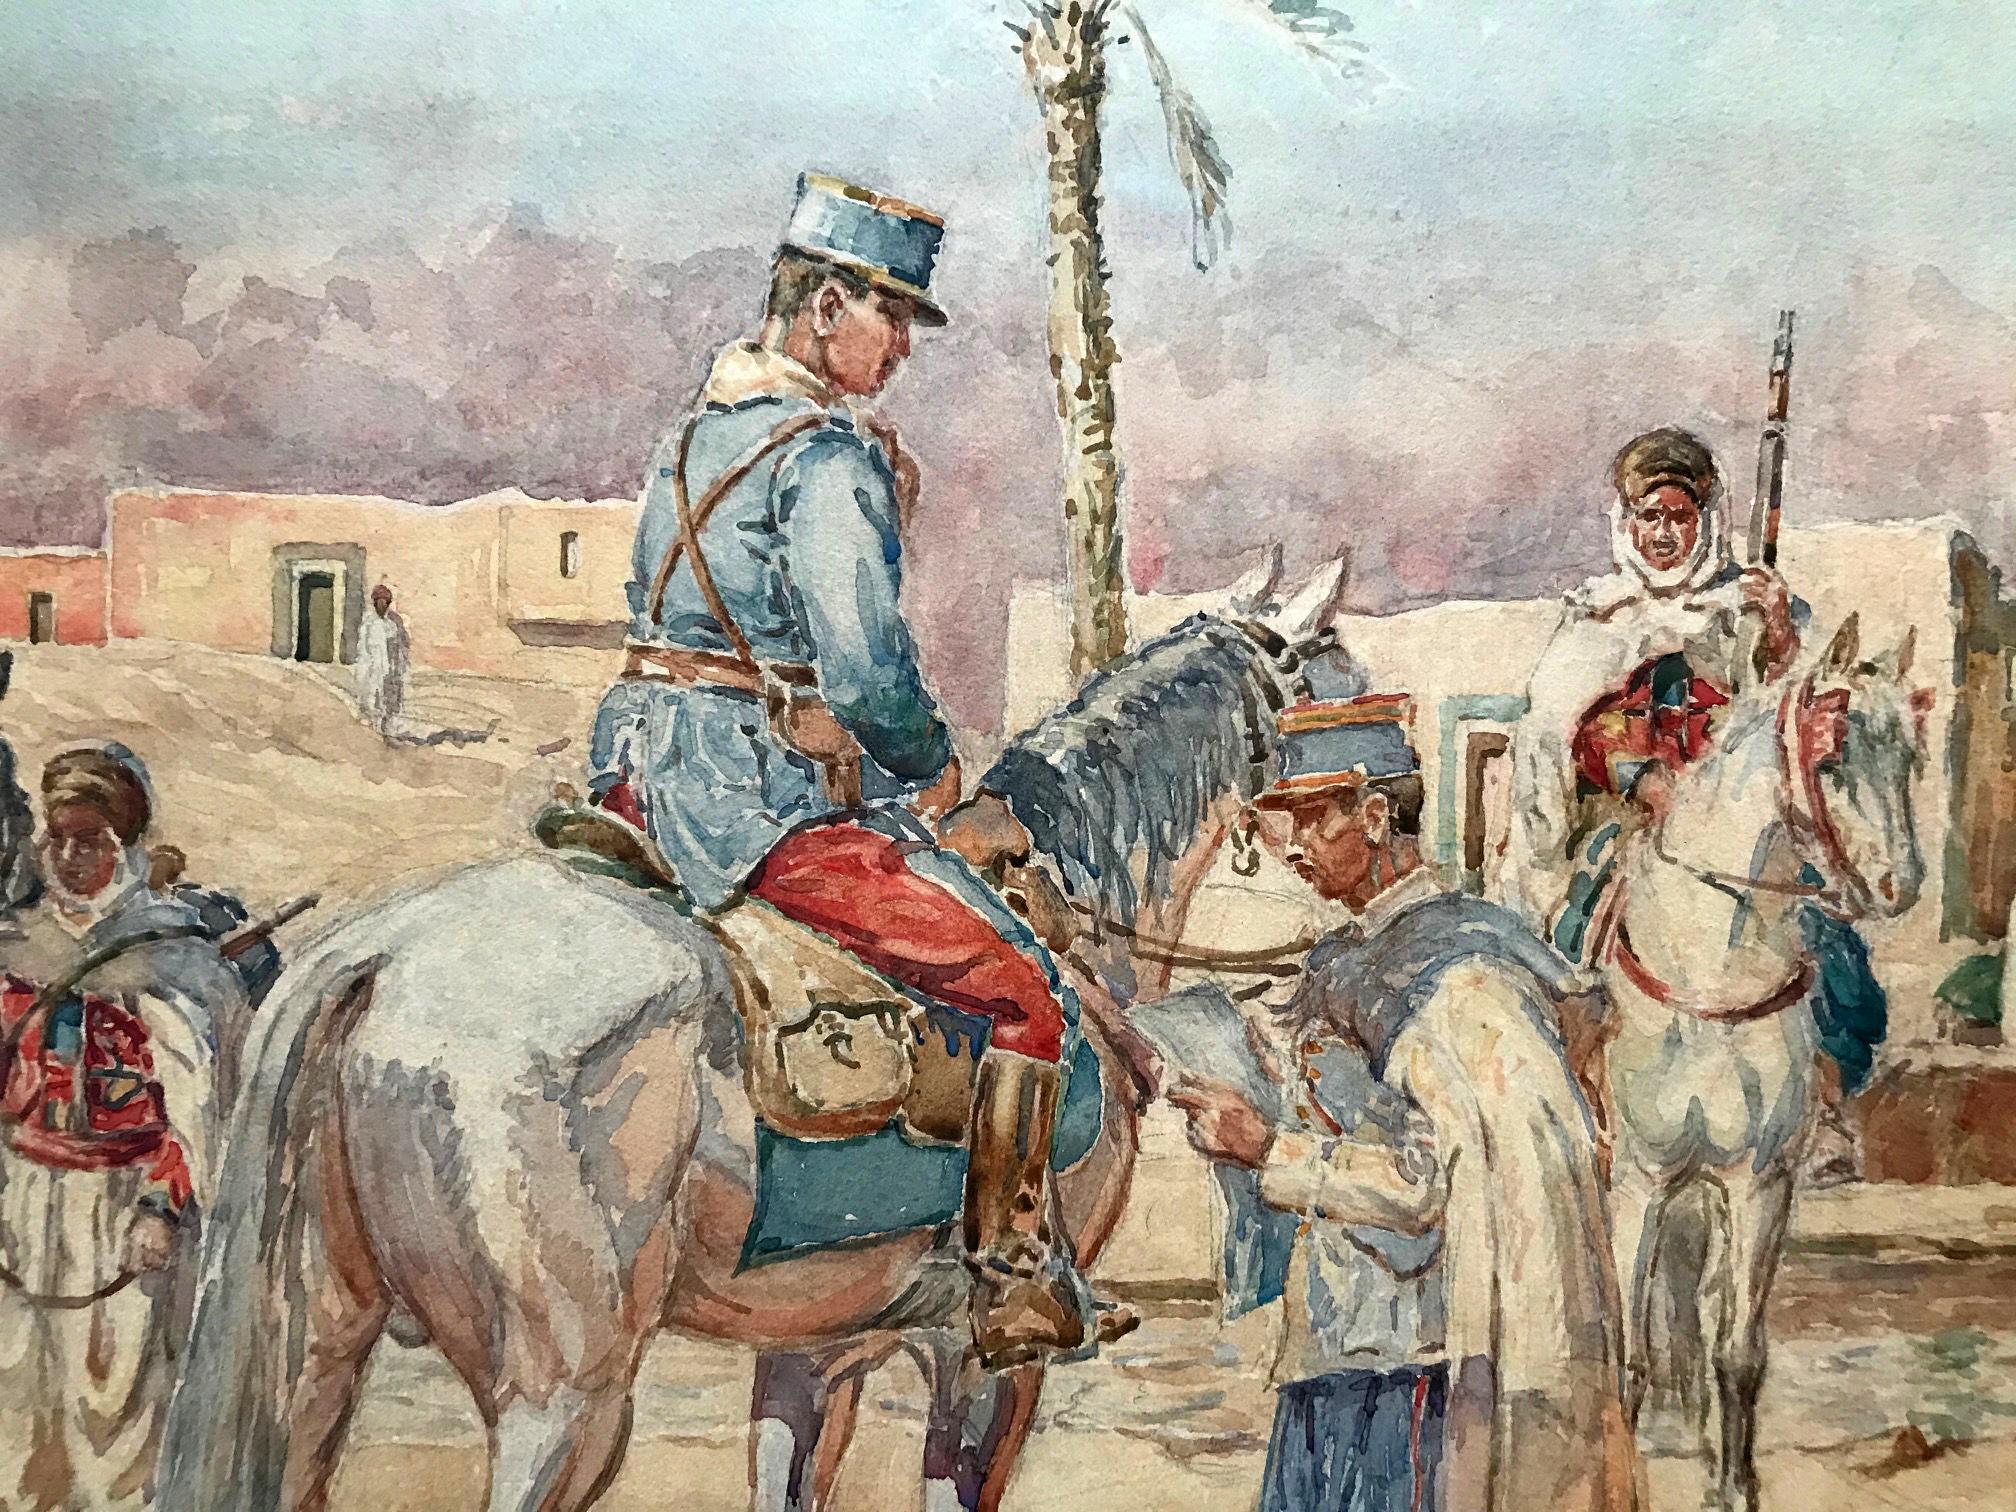 Grand Gouache Aquarelle - Soldat 1940 - Uniforme - Compagnie saharienne - Spahis à l'arrêt - Algérie - Sahara